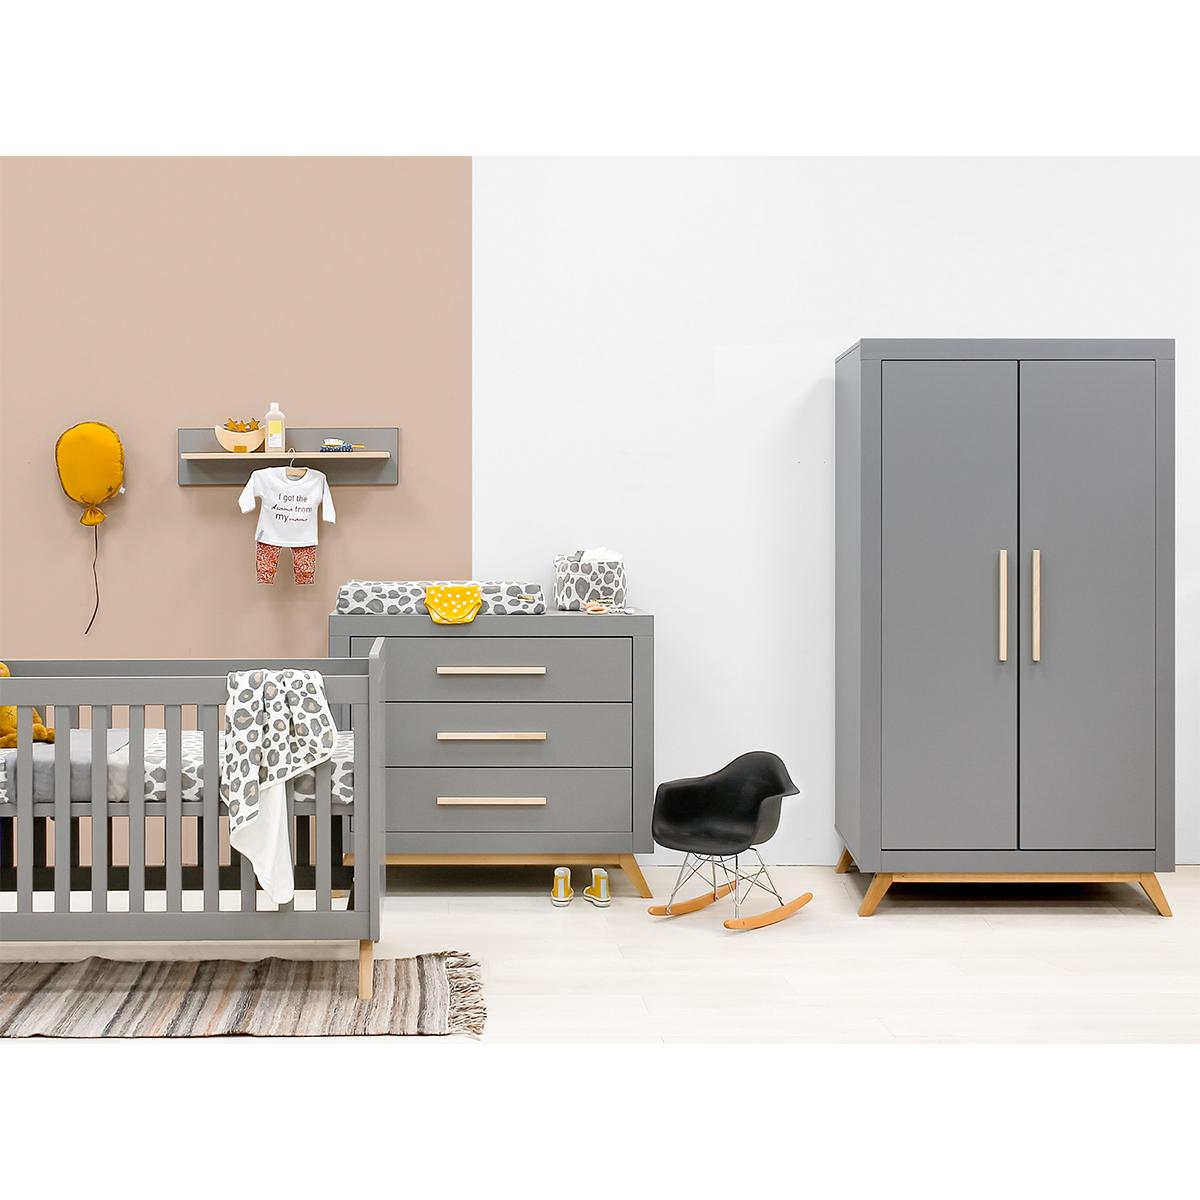 Chambre complète lit bébé 60x120 - commode à langer - armoire 2 portes Bopita Fenna - Gris et bois